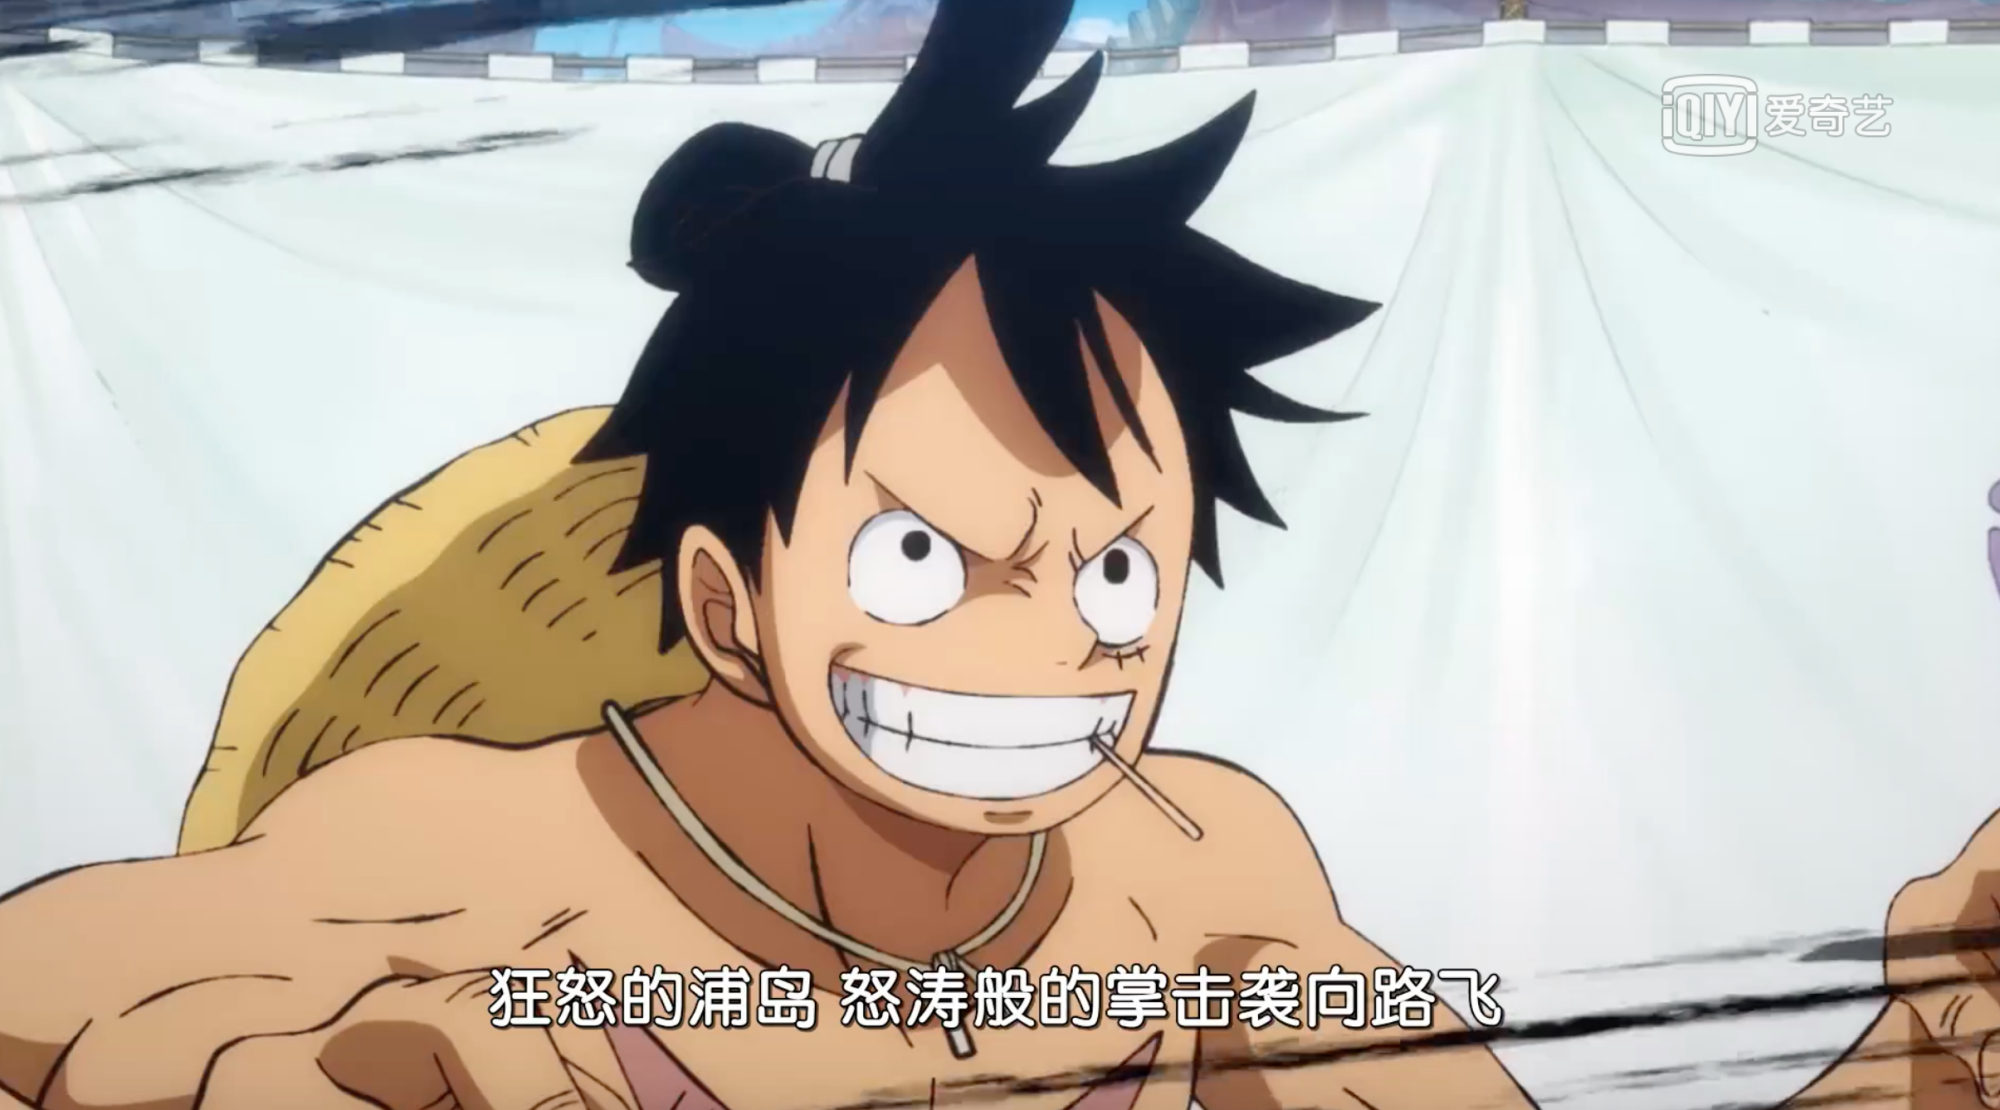 海贼王903集情报:路飞救阿菊,跟浦岛进行相扑对决,一掌秒杀他